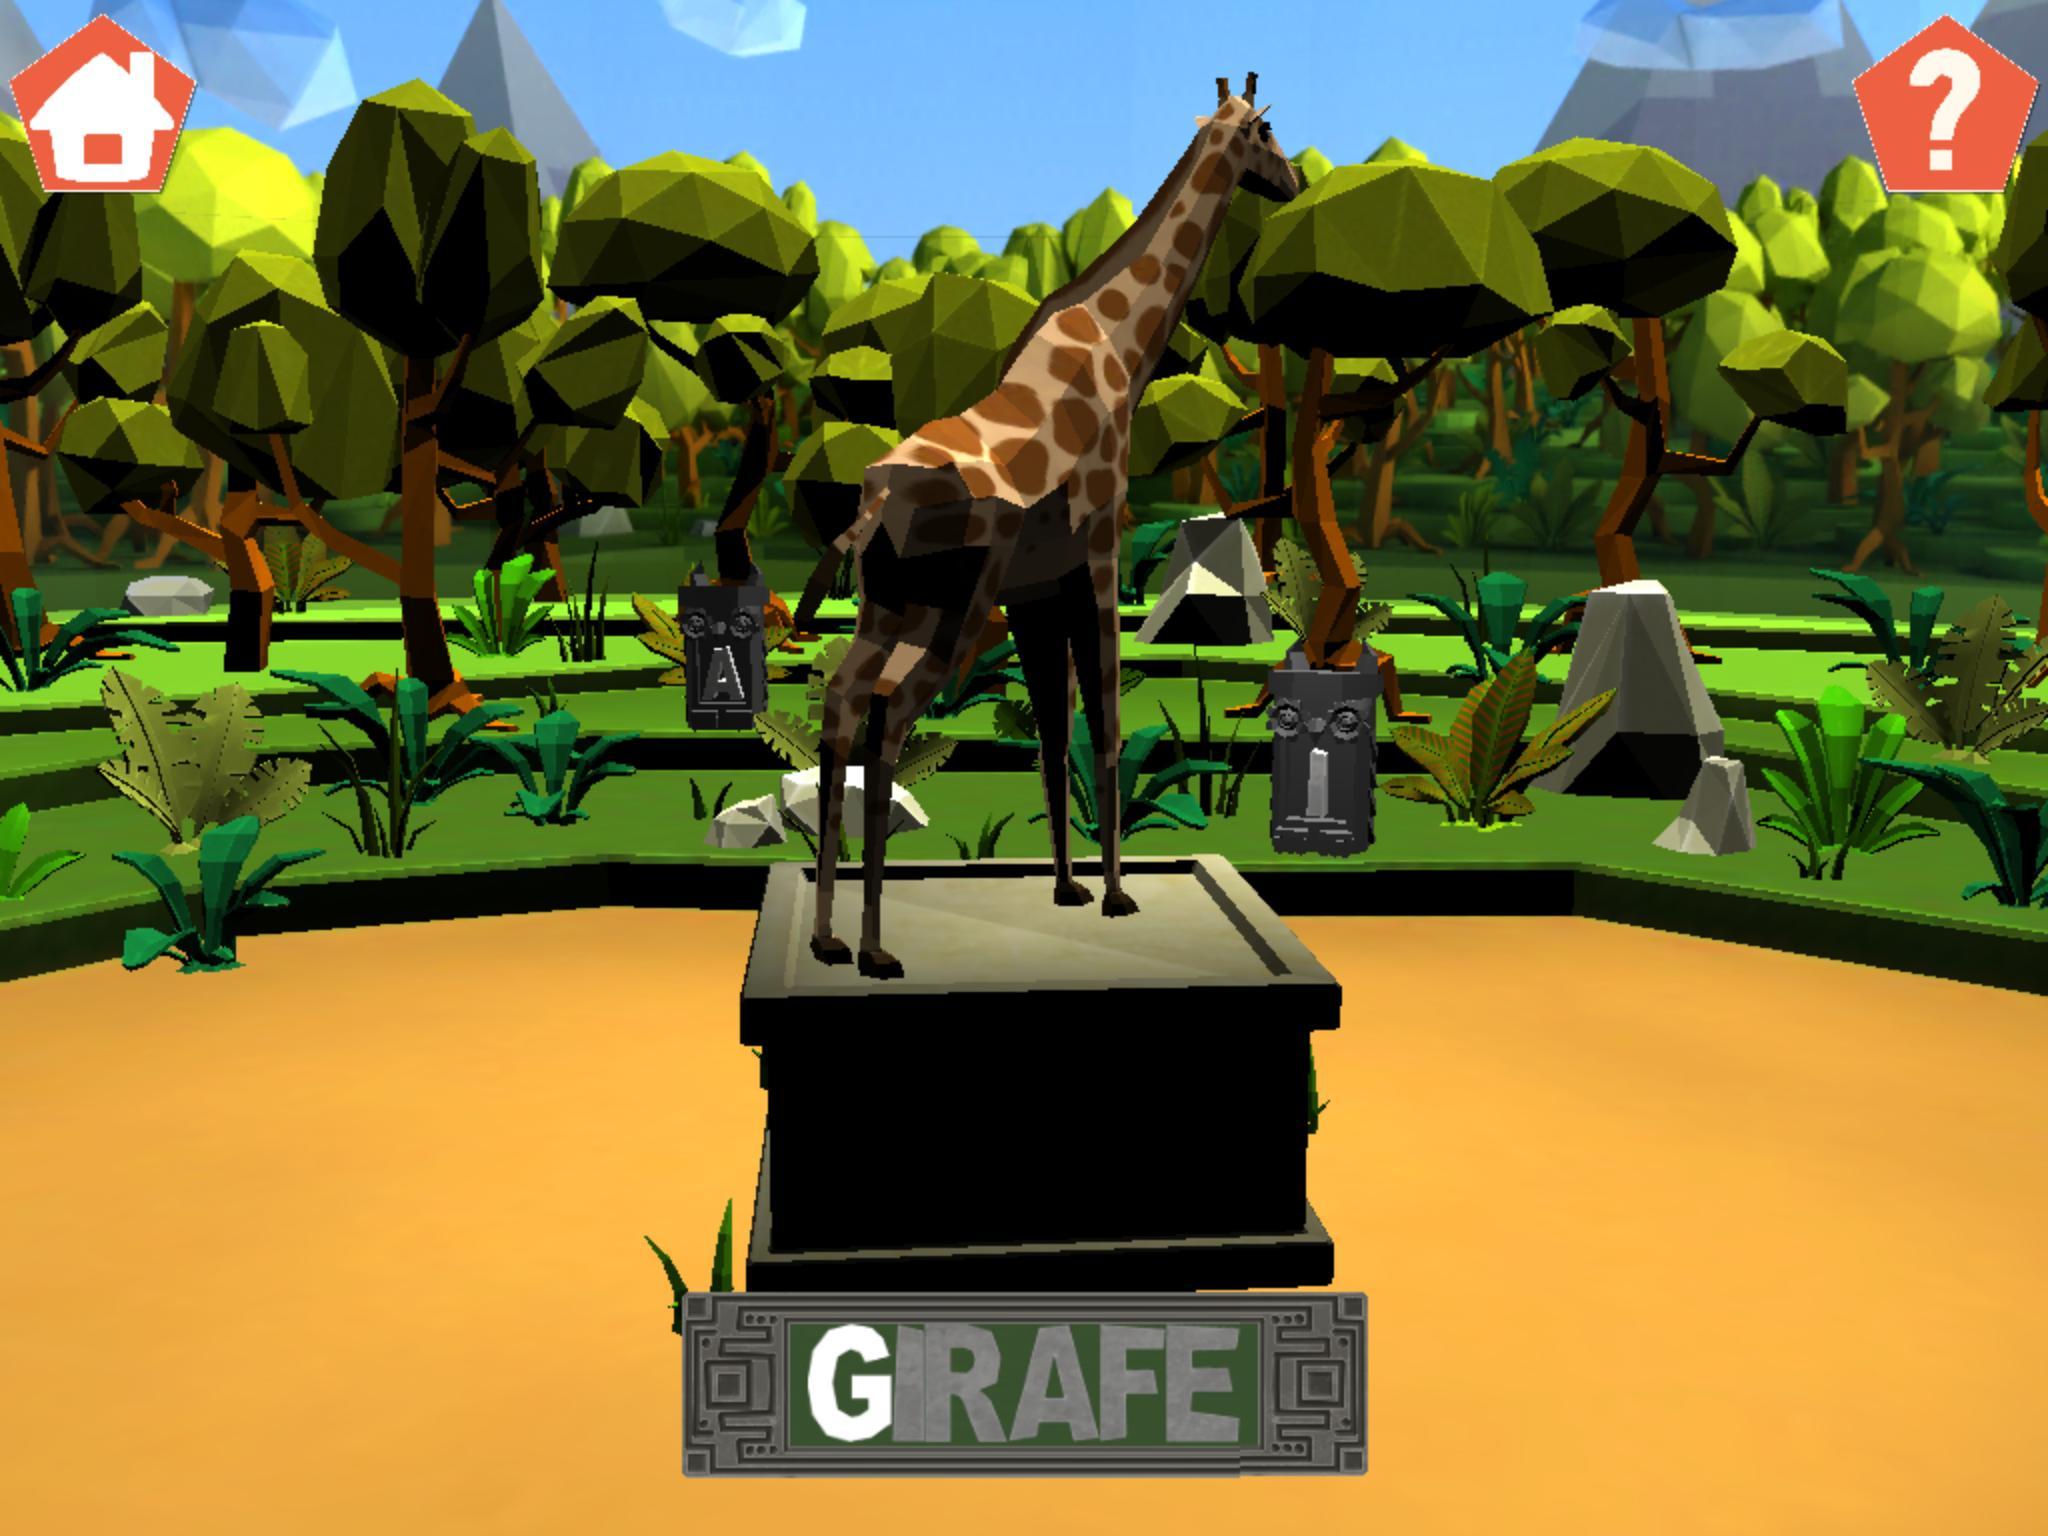 Jeu Maternelle Gratuit : Pokolpok For Android - Apk Download concernant Jeux Maternelle Gratuit